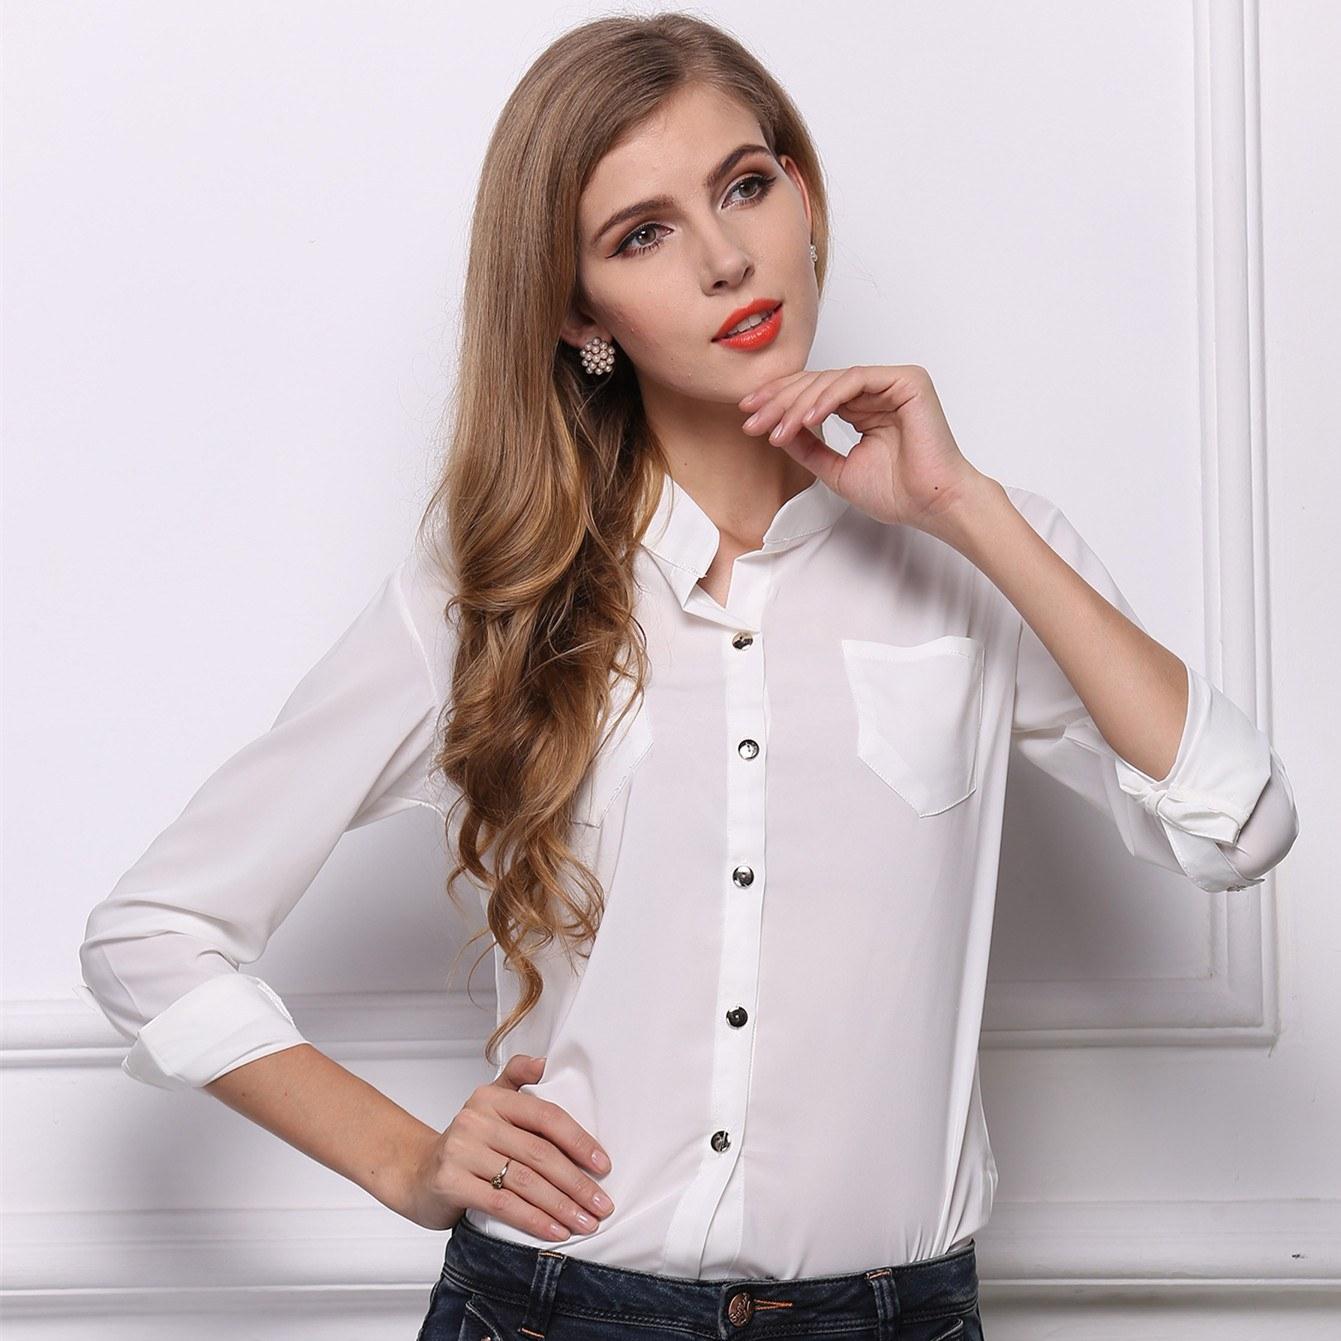 Сексуальные девушки в гладких рубашках